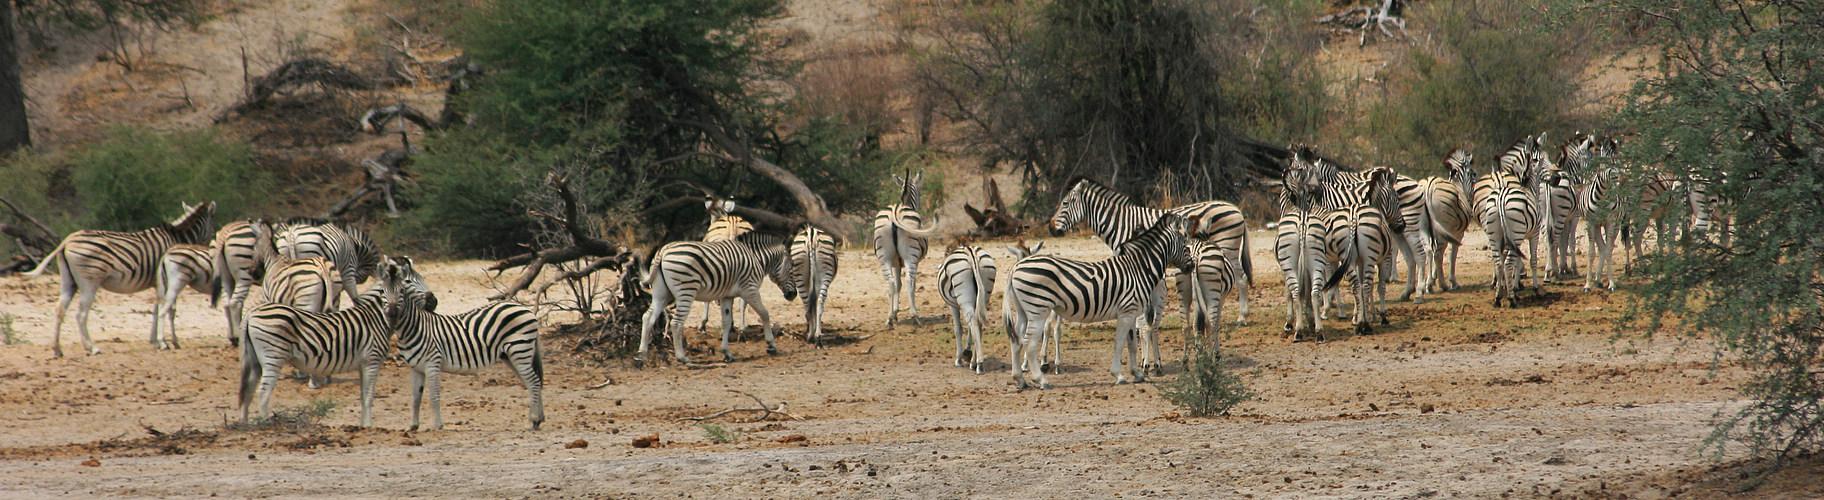 Zebras im Makgadikgadi National Park